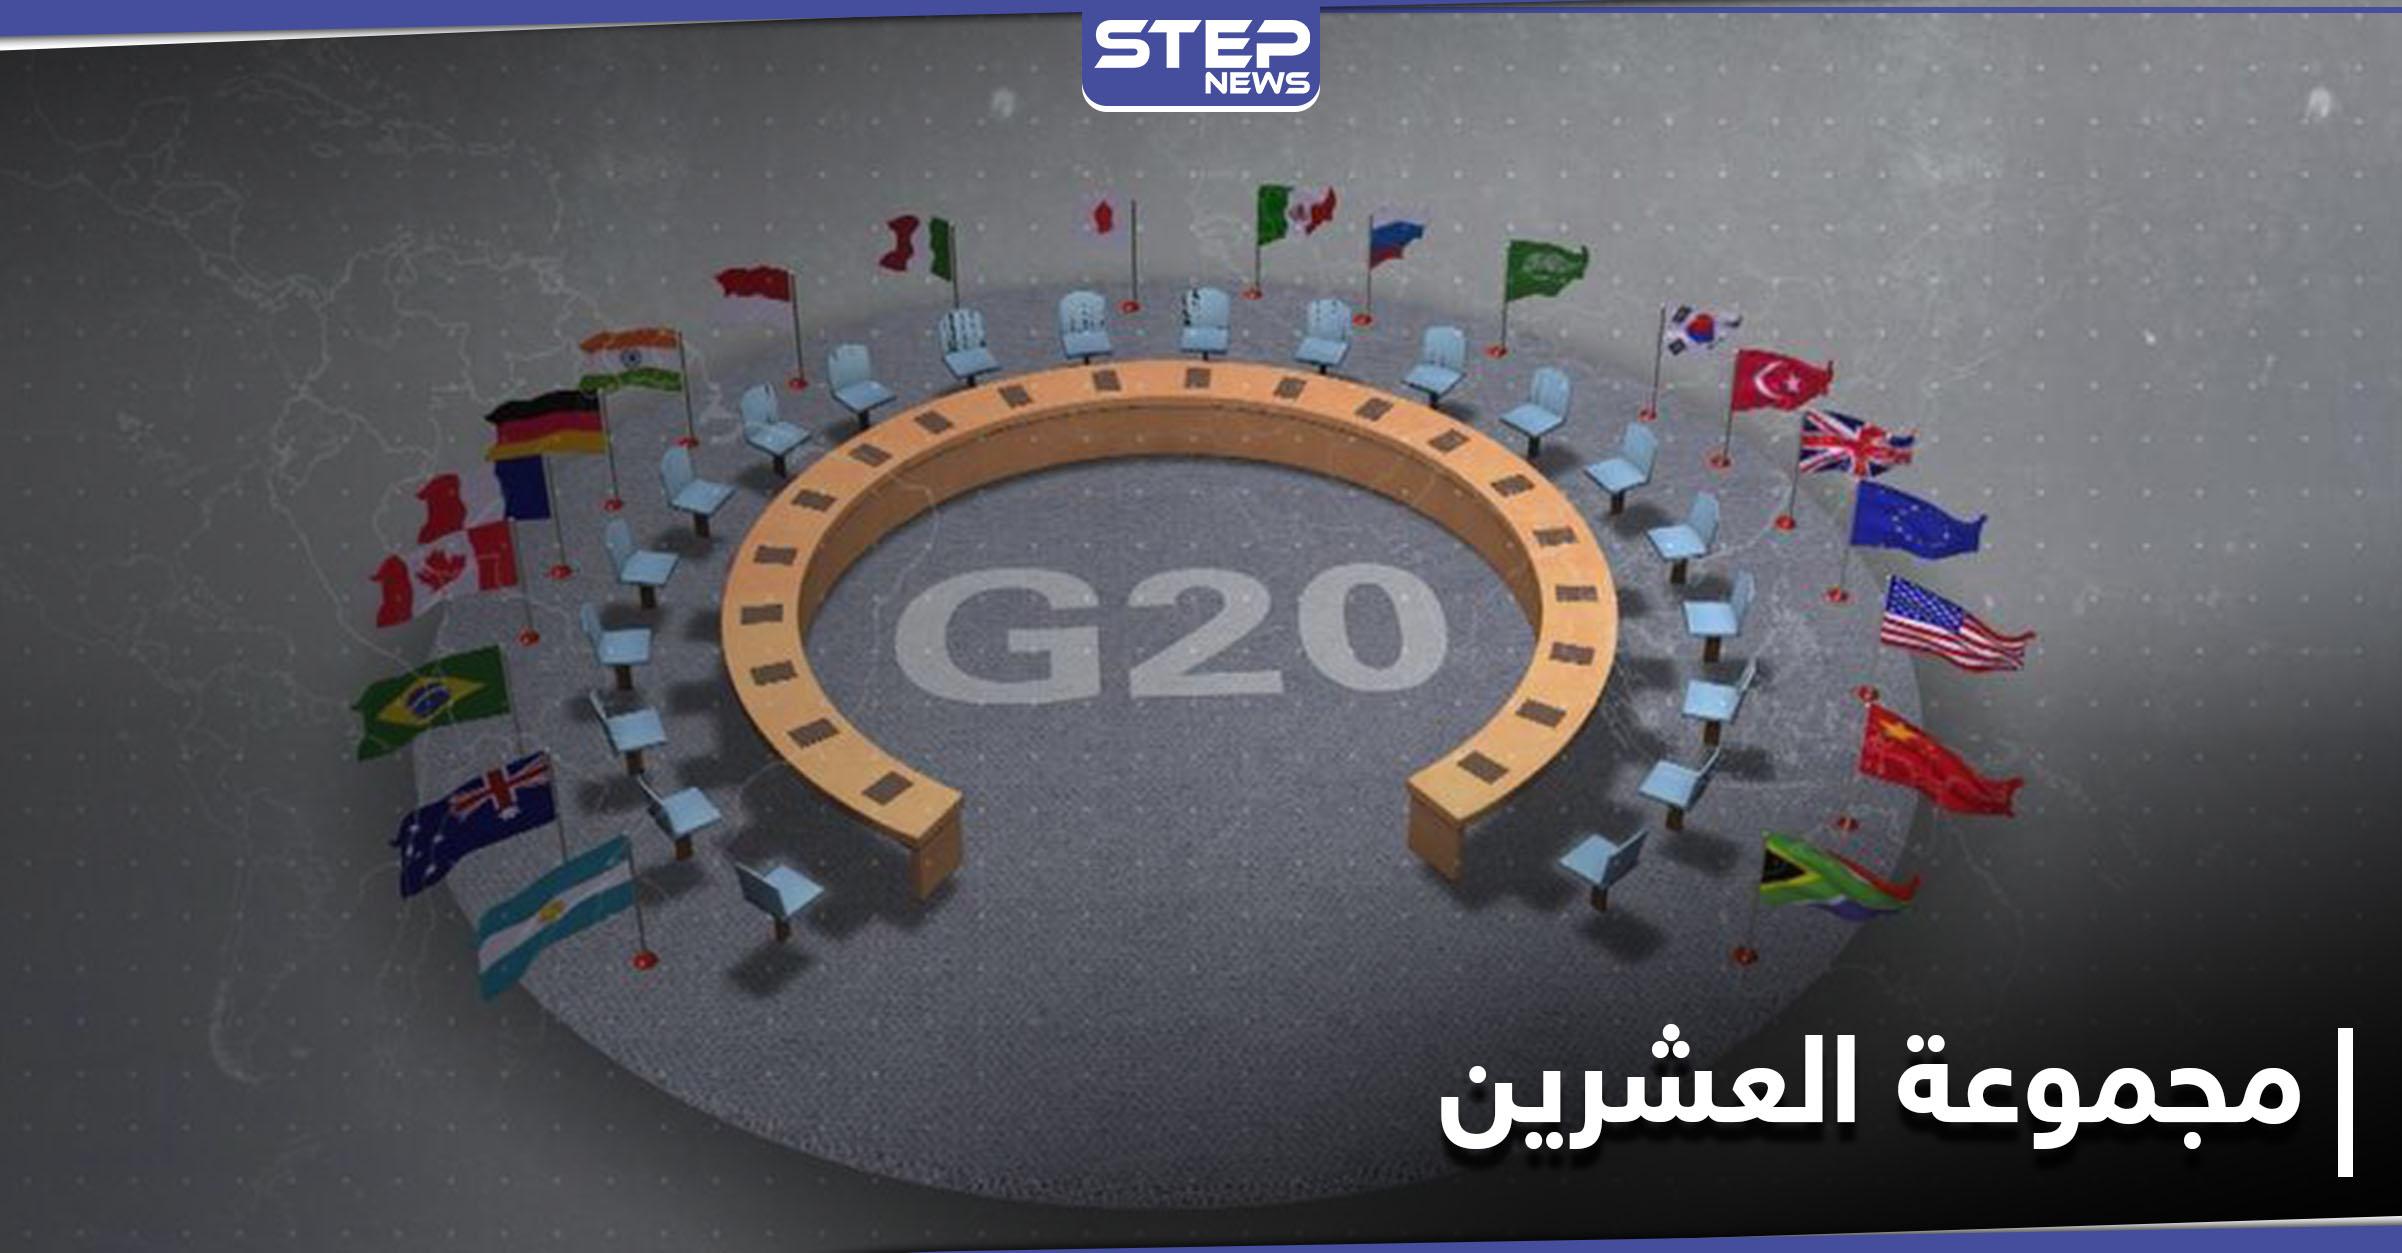 مجموعة العشرين تصدر بيانها الختامي المتضمن 11 بنداً